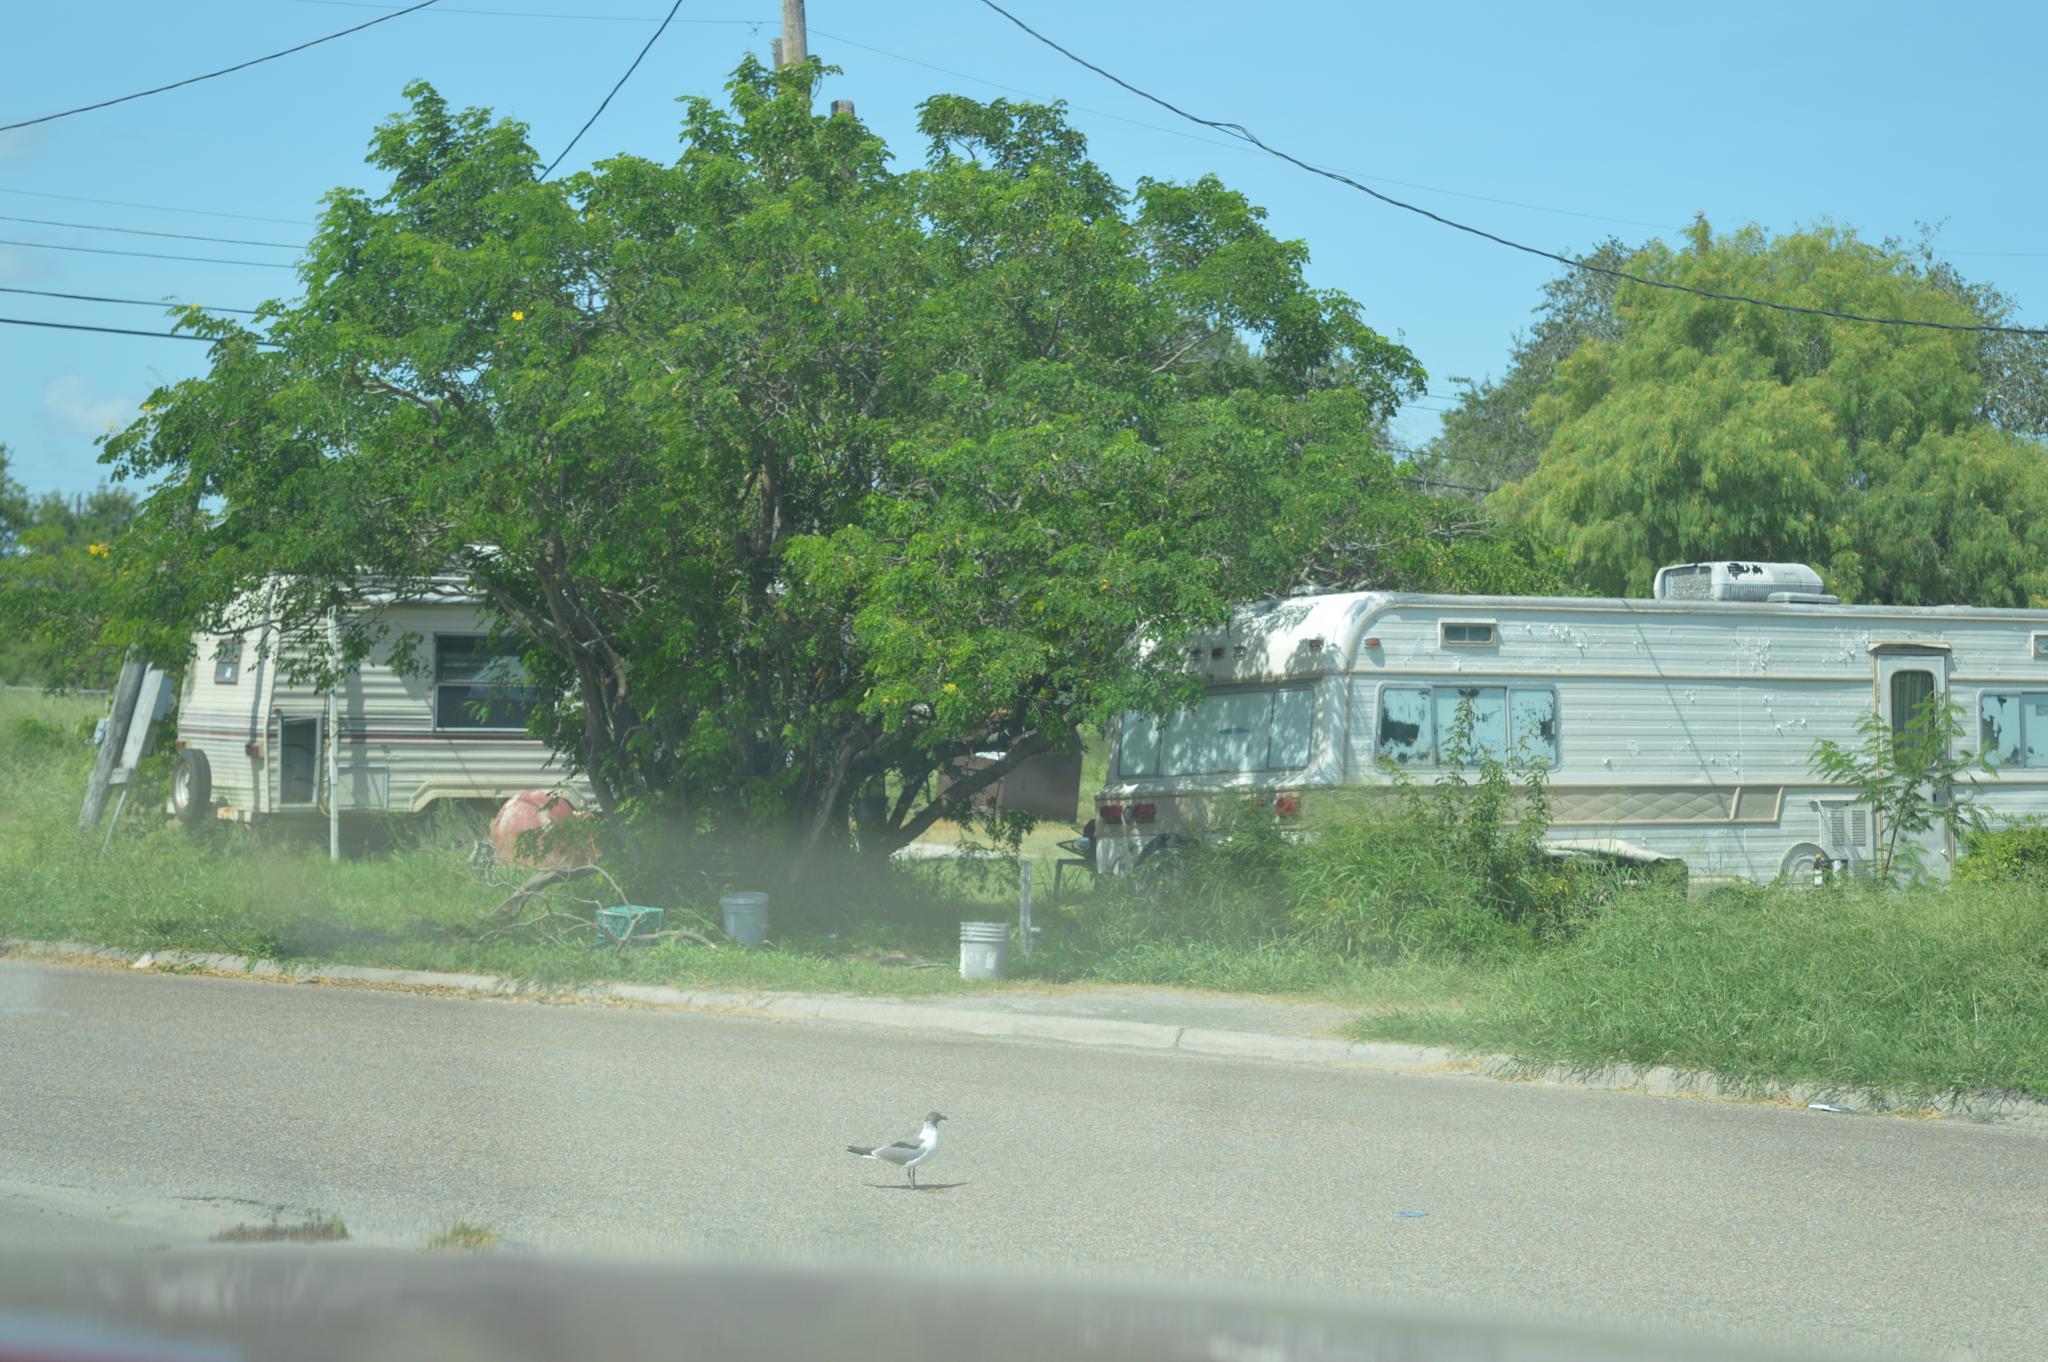 Kingsville Texas Trailor Park by barbarasingscntry23